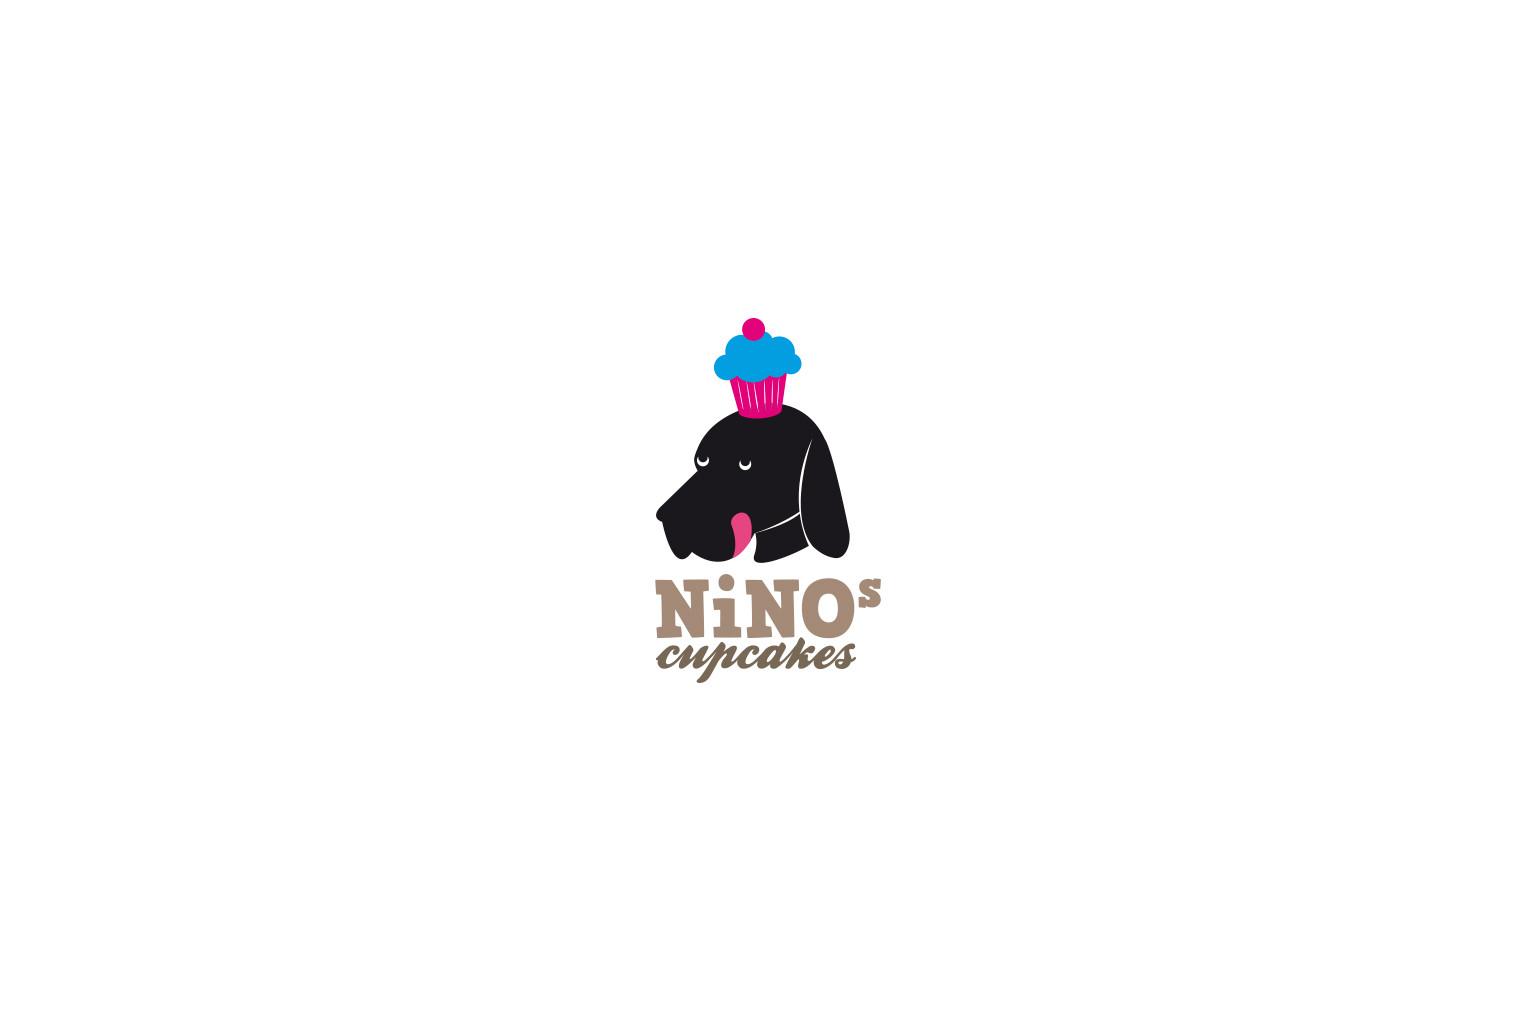 ninos_cupcakes.jpg